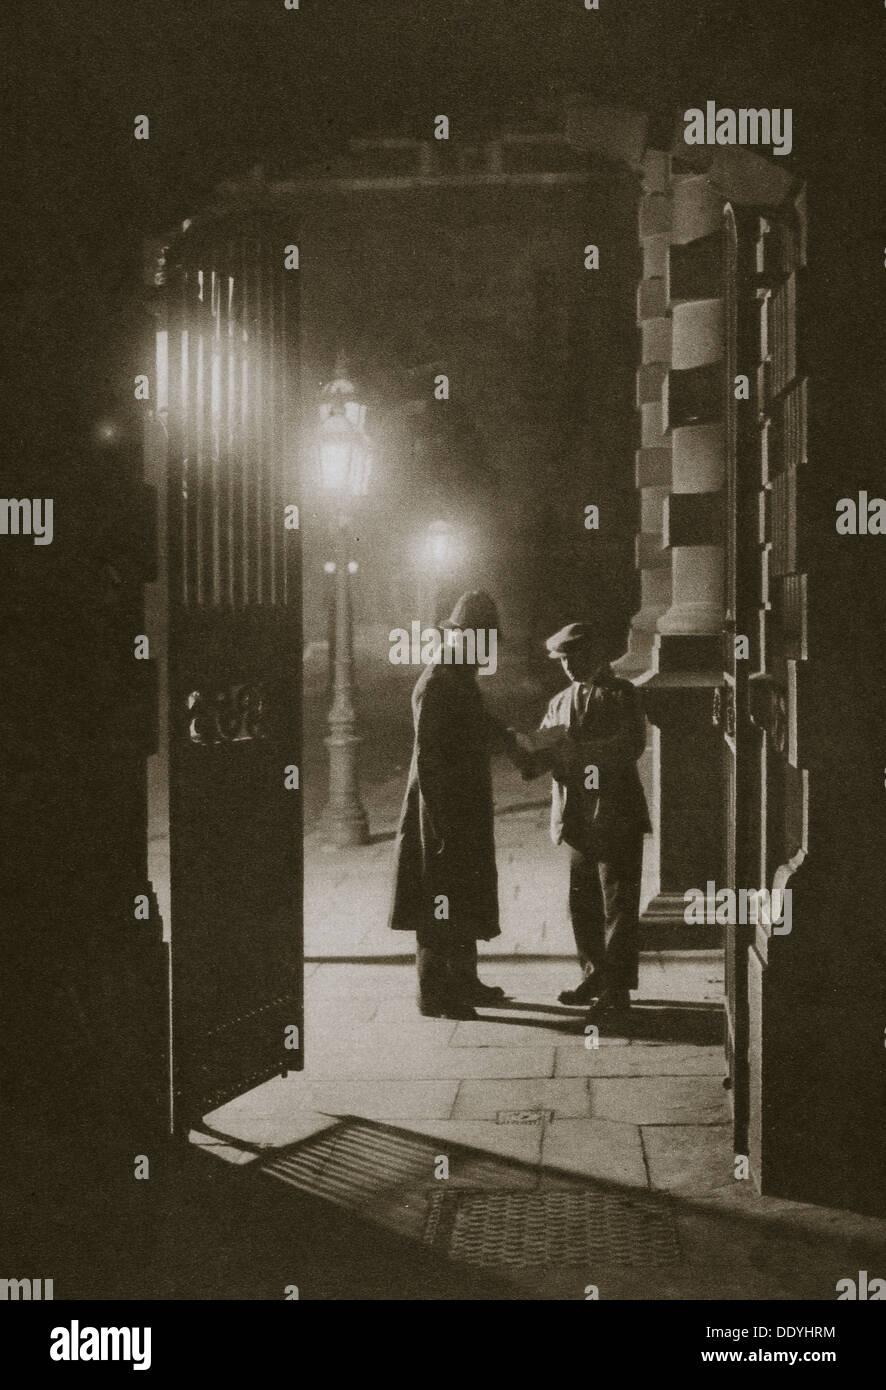 Scotland Yard in den frühen Morgenstunden von morgen, Embankment, London, 20. Jahrhundert. Künstler: unbekannt Stockbild